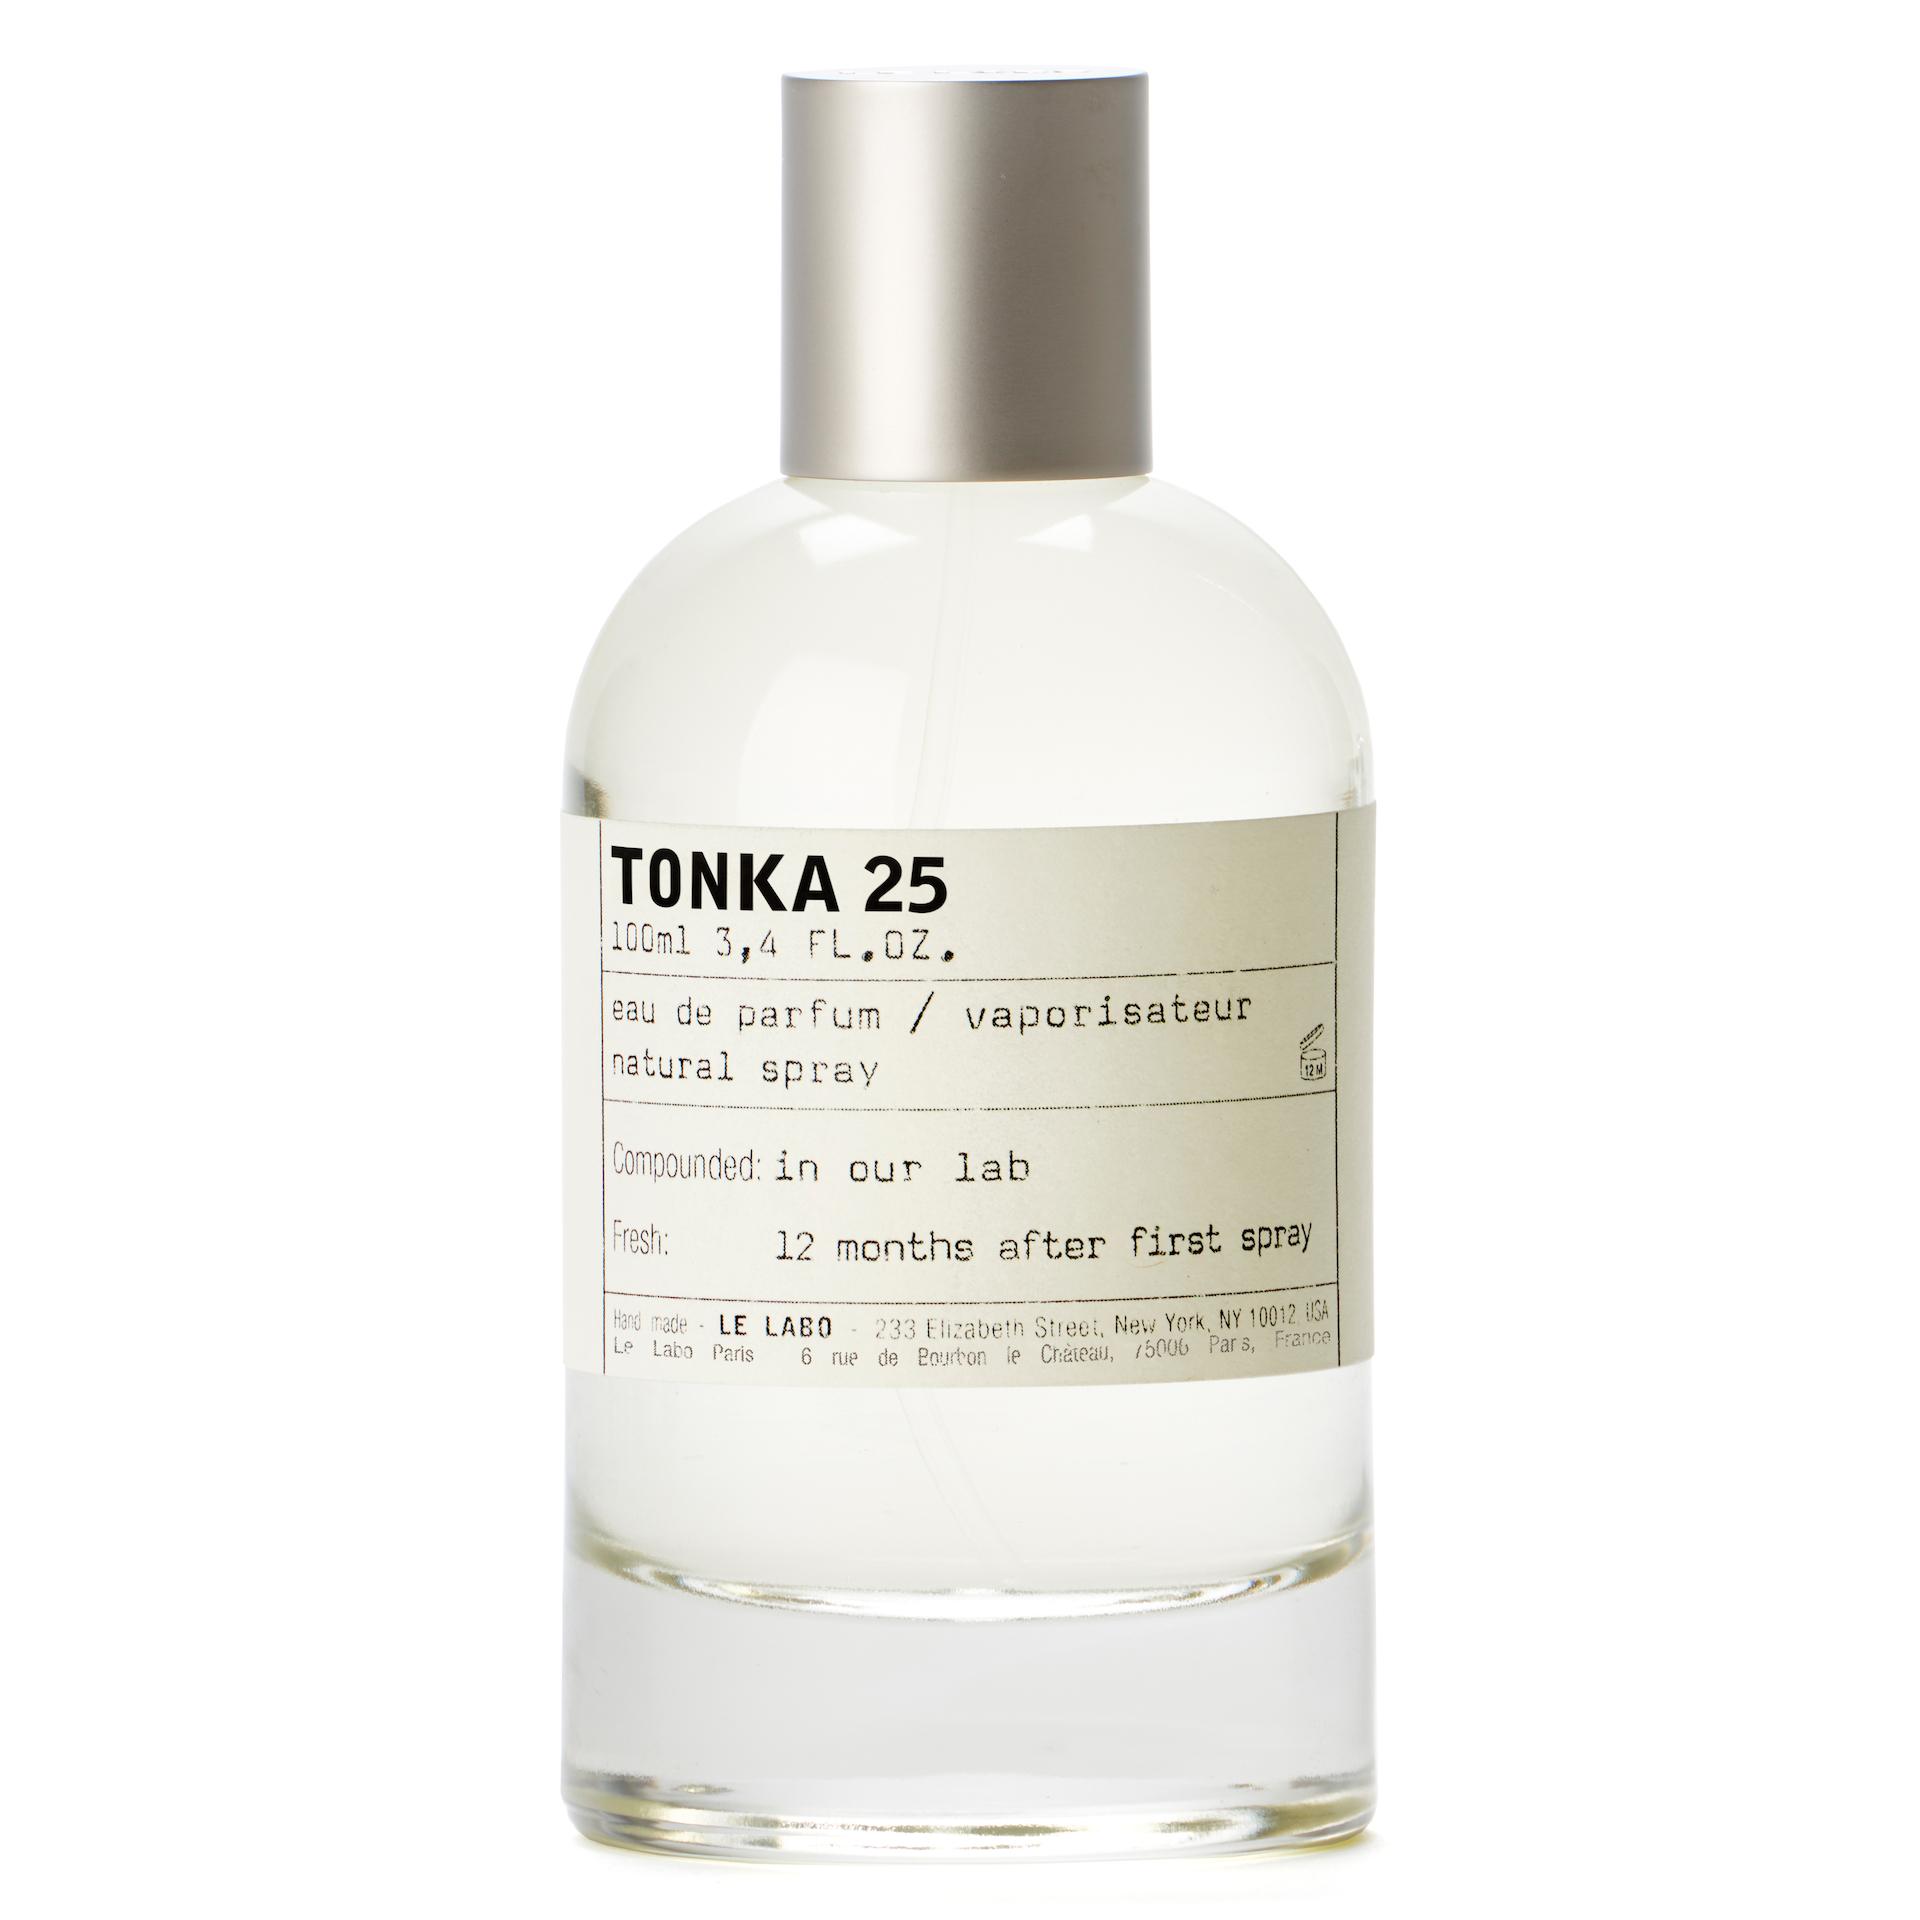 Tonka 25 Edp 100ml